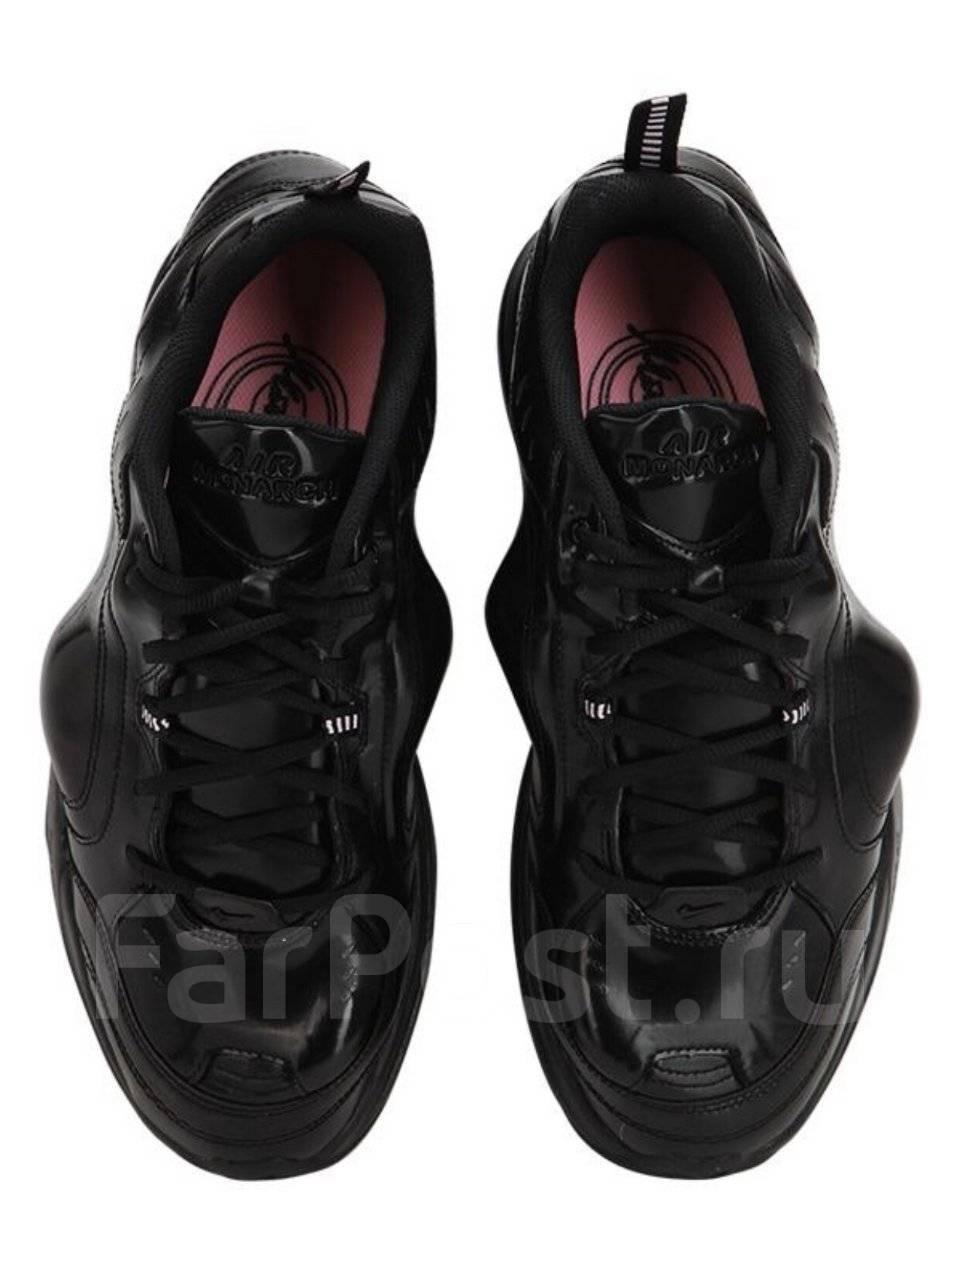 cfab42cd1 Розы мужская обувь во Владивостоке